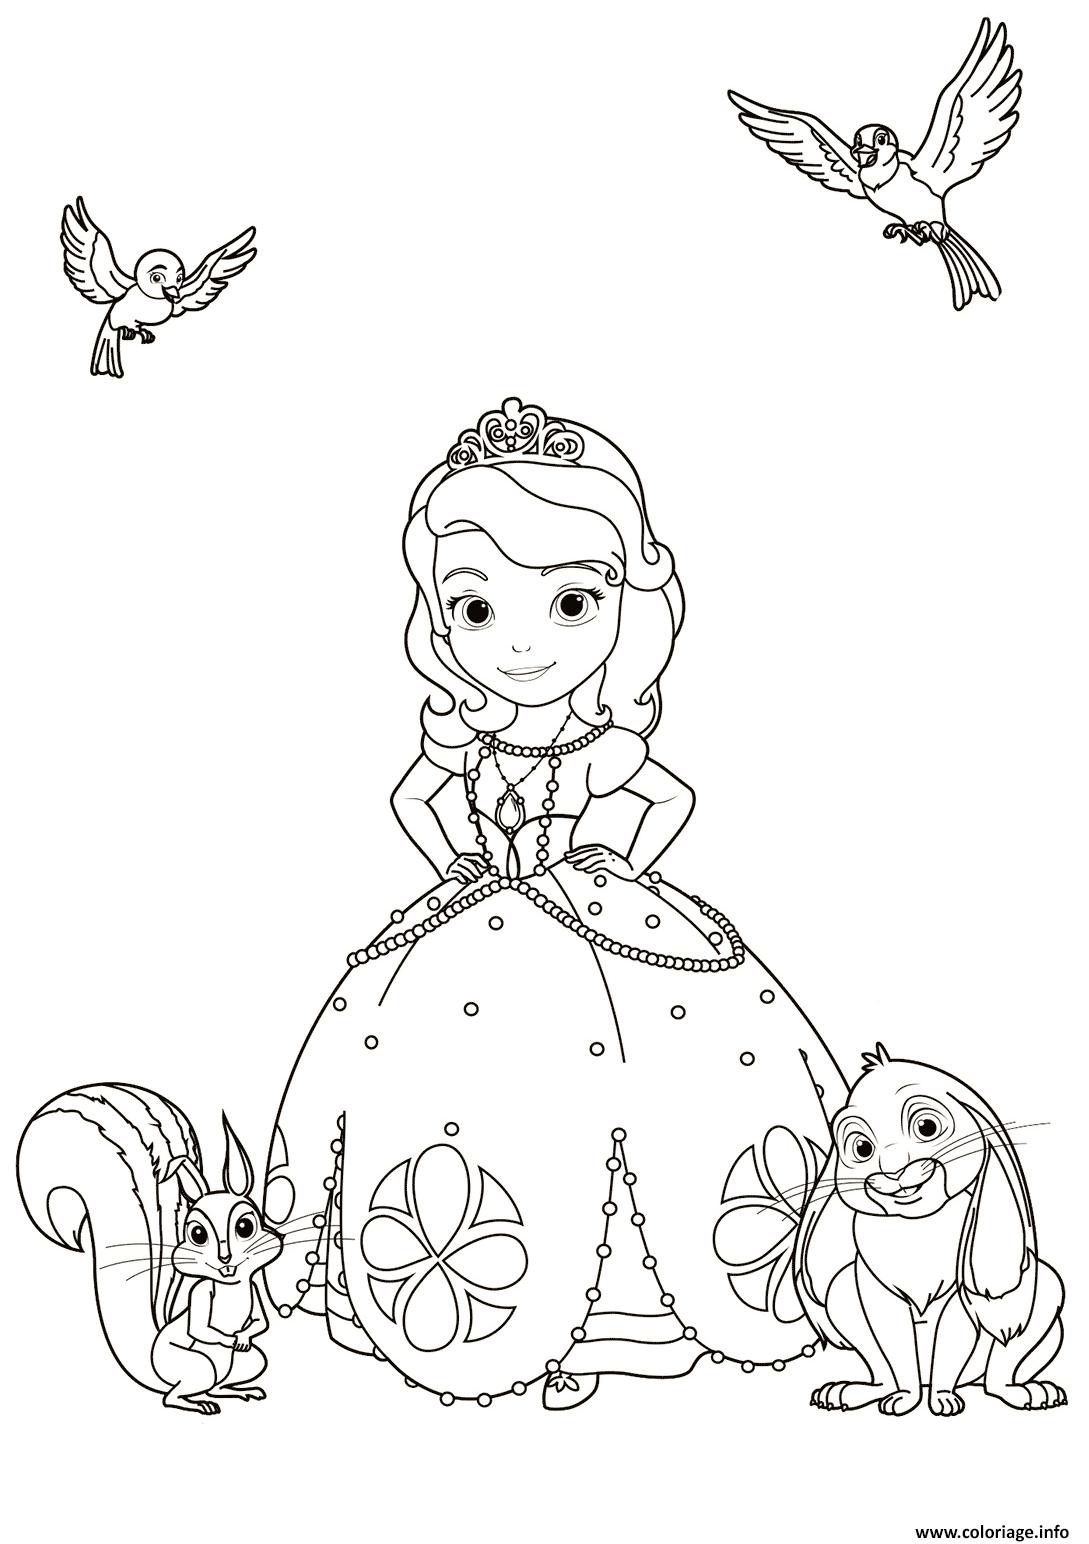 Dessin princesse sofia avec les animaux Coloriage Gratuit à Imprimer